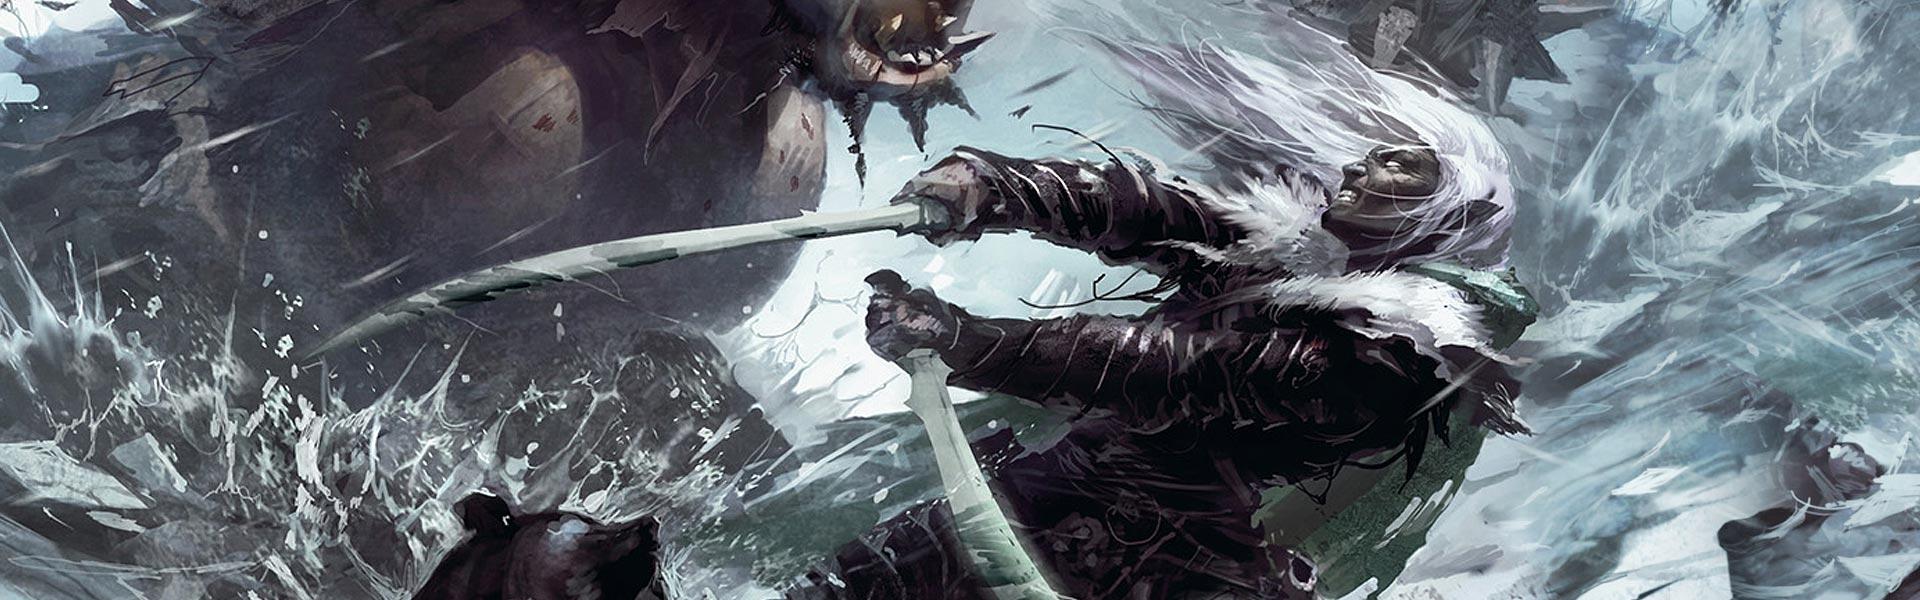 Realms - Baldur's Gate